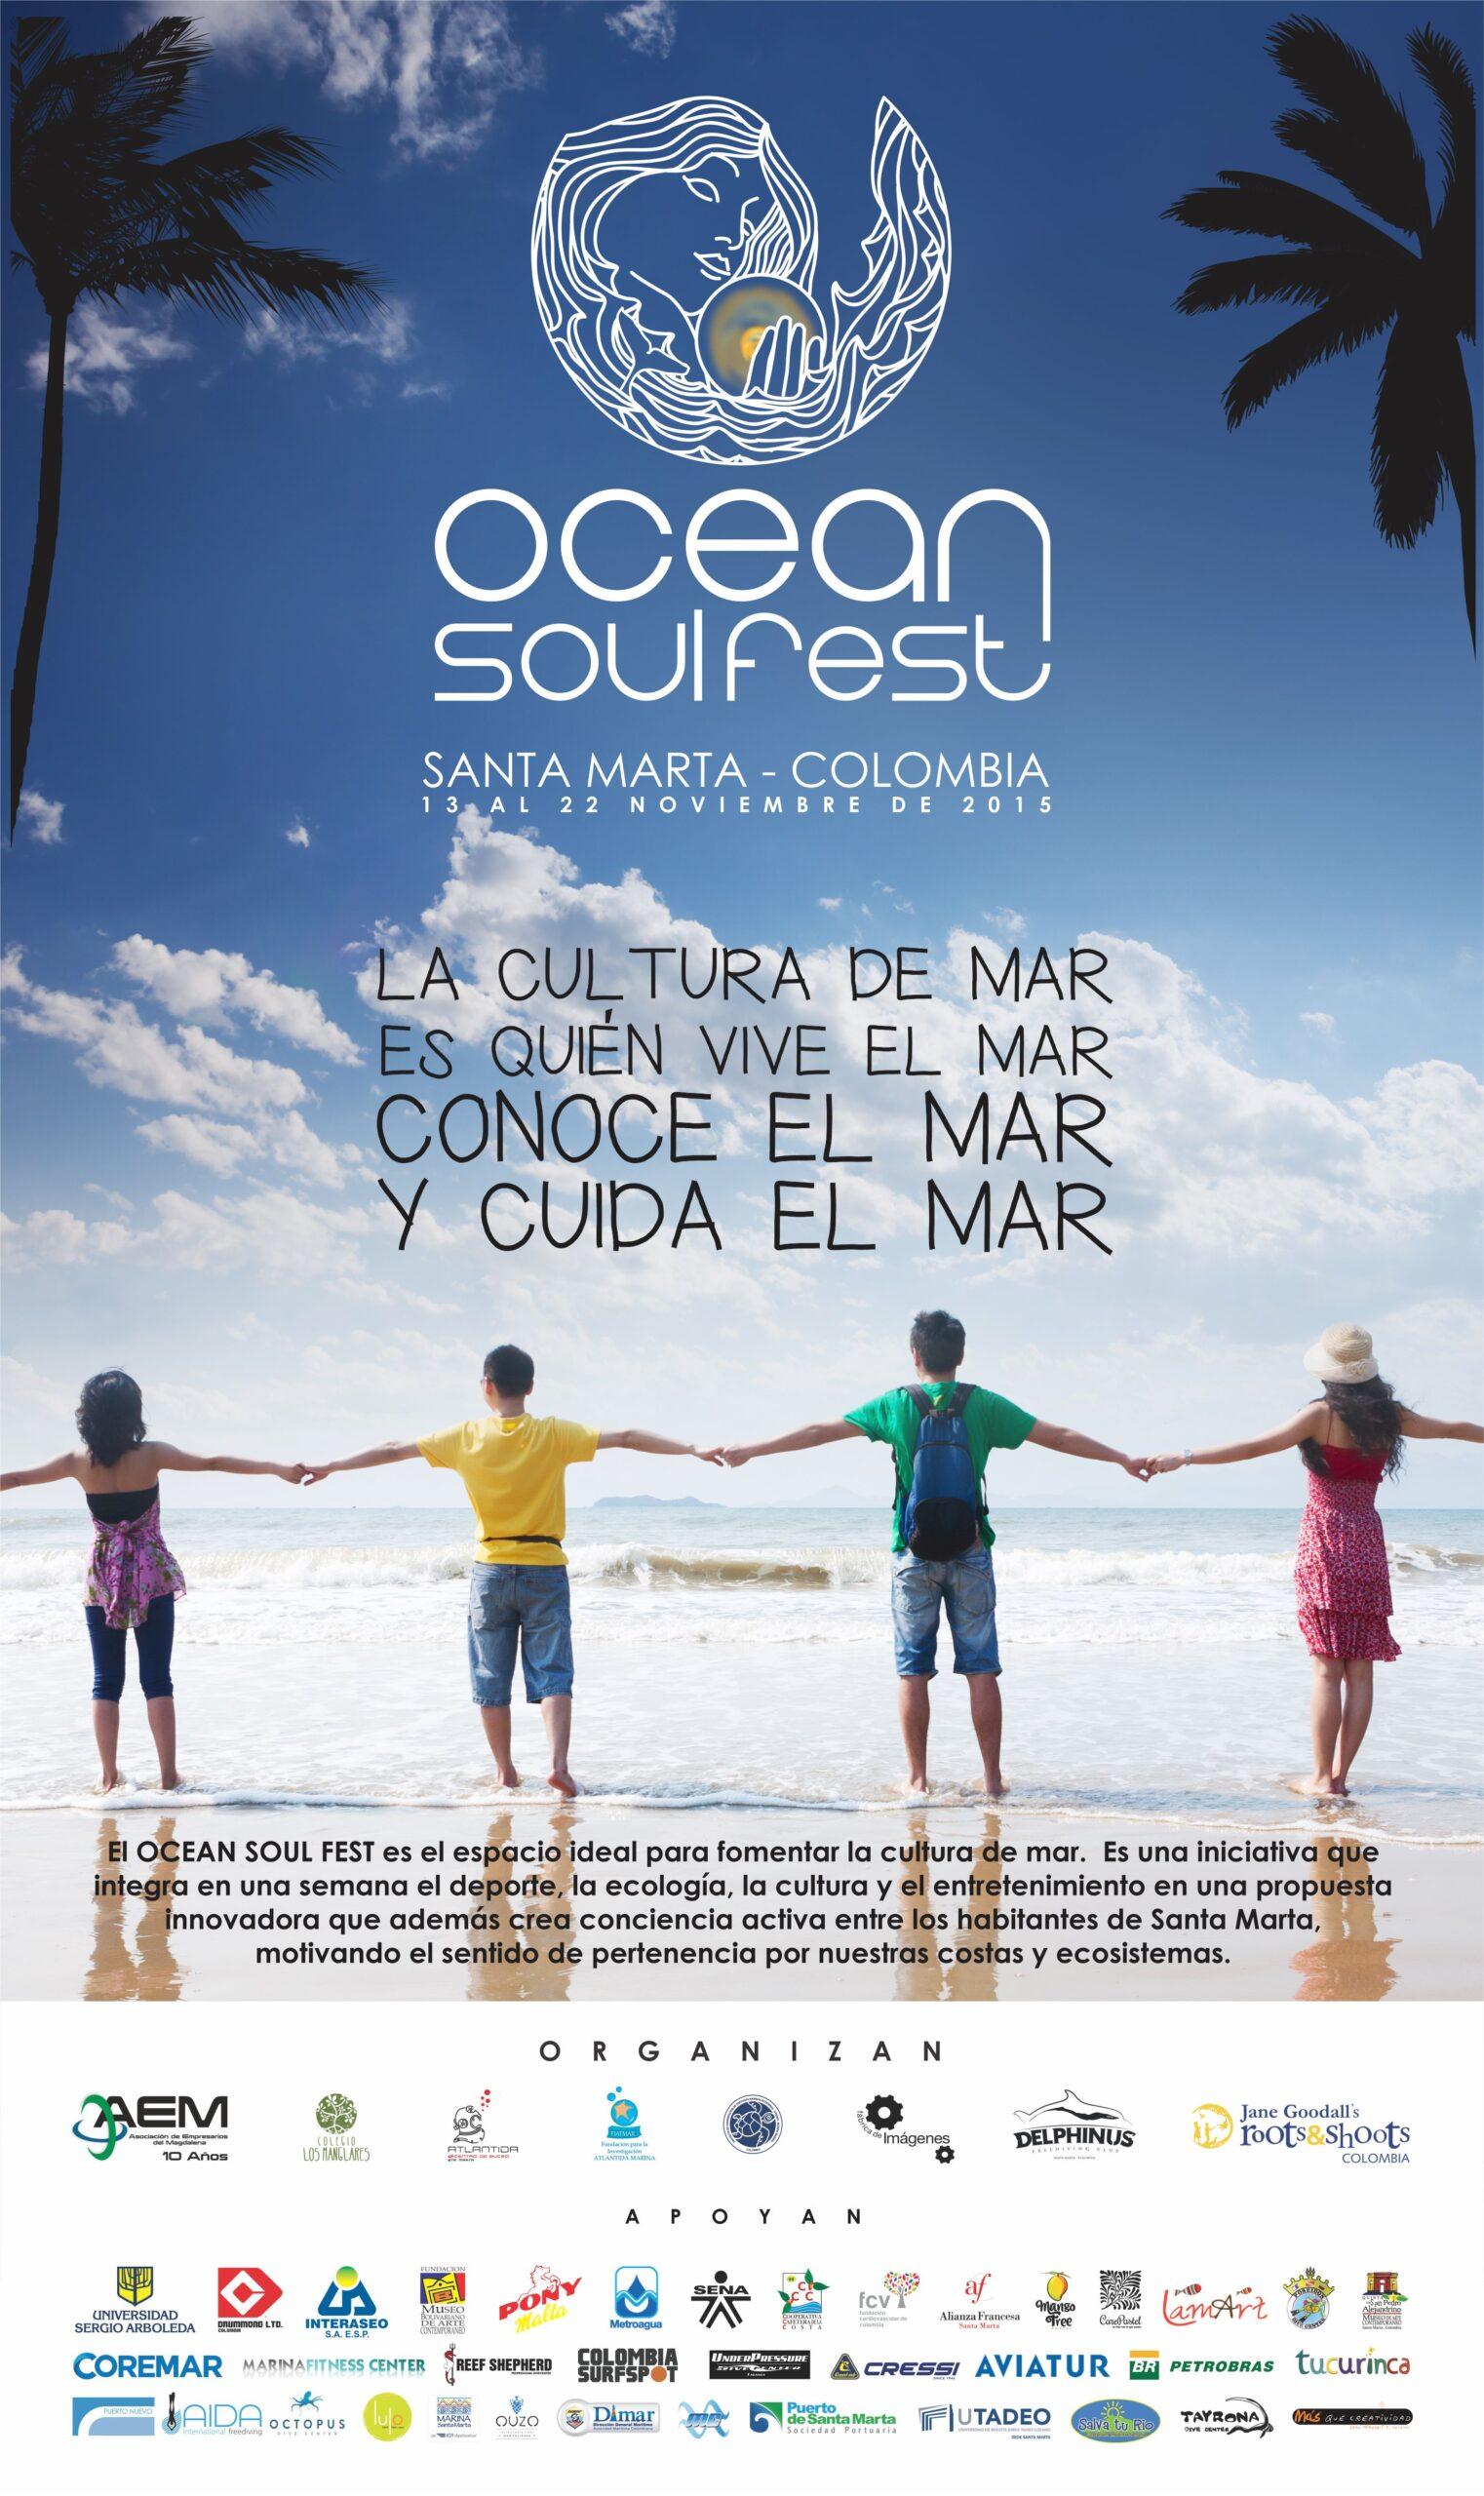 Ocean soul fest